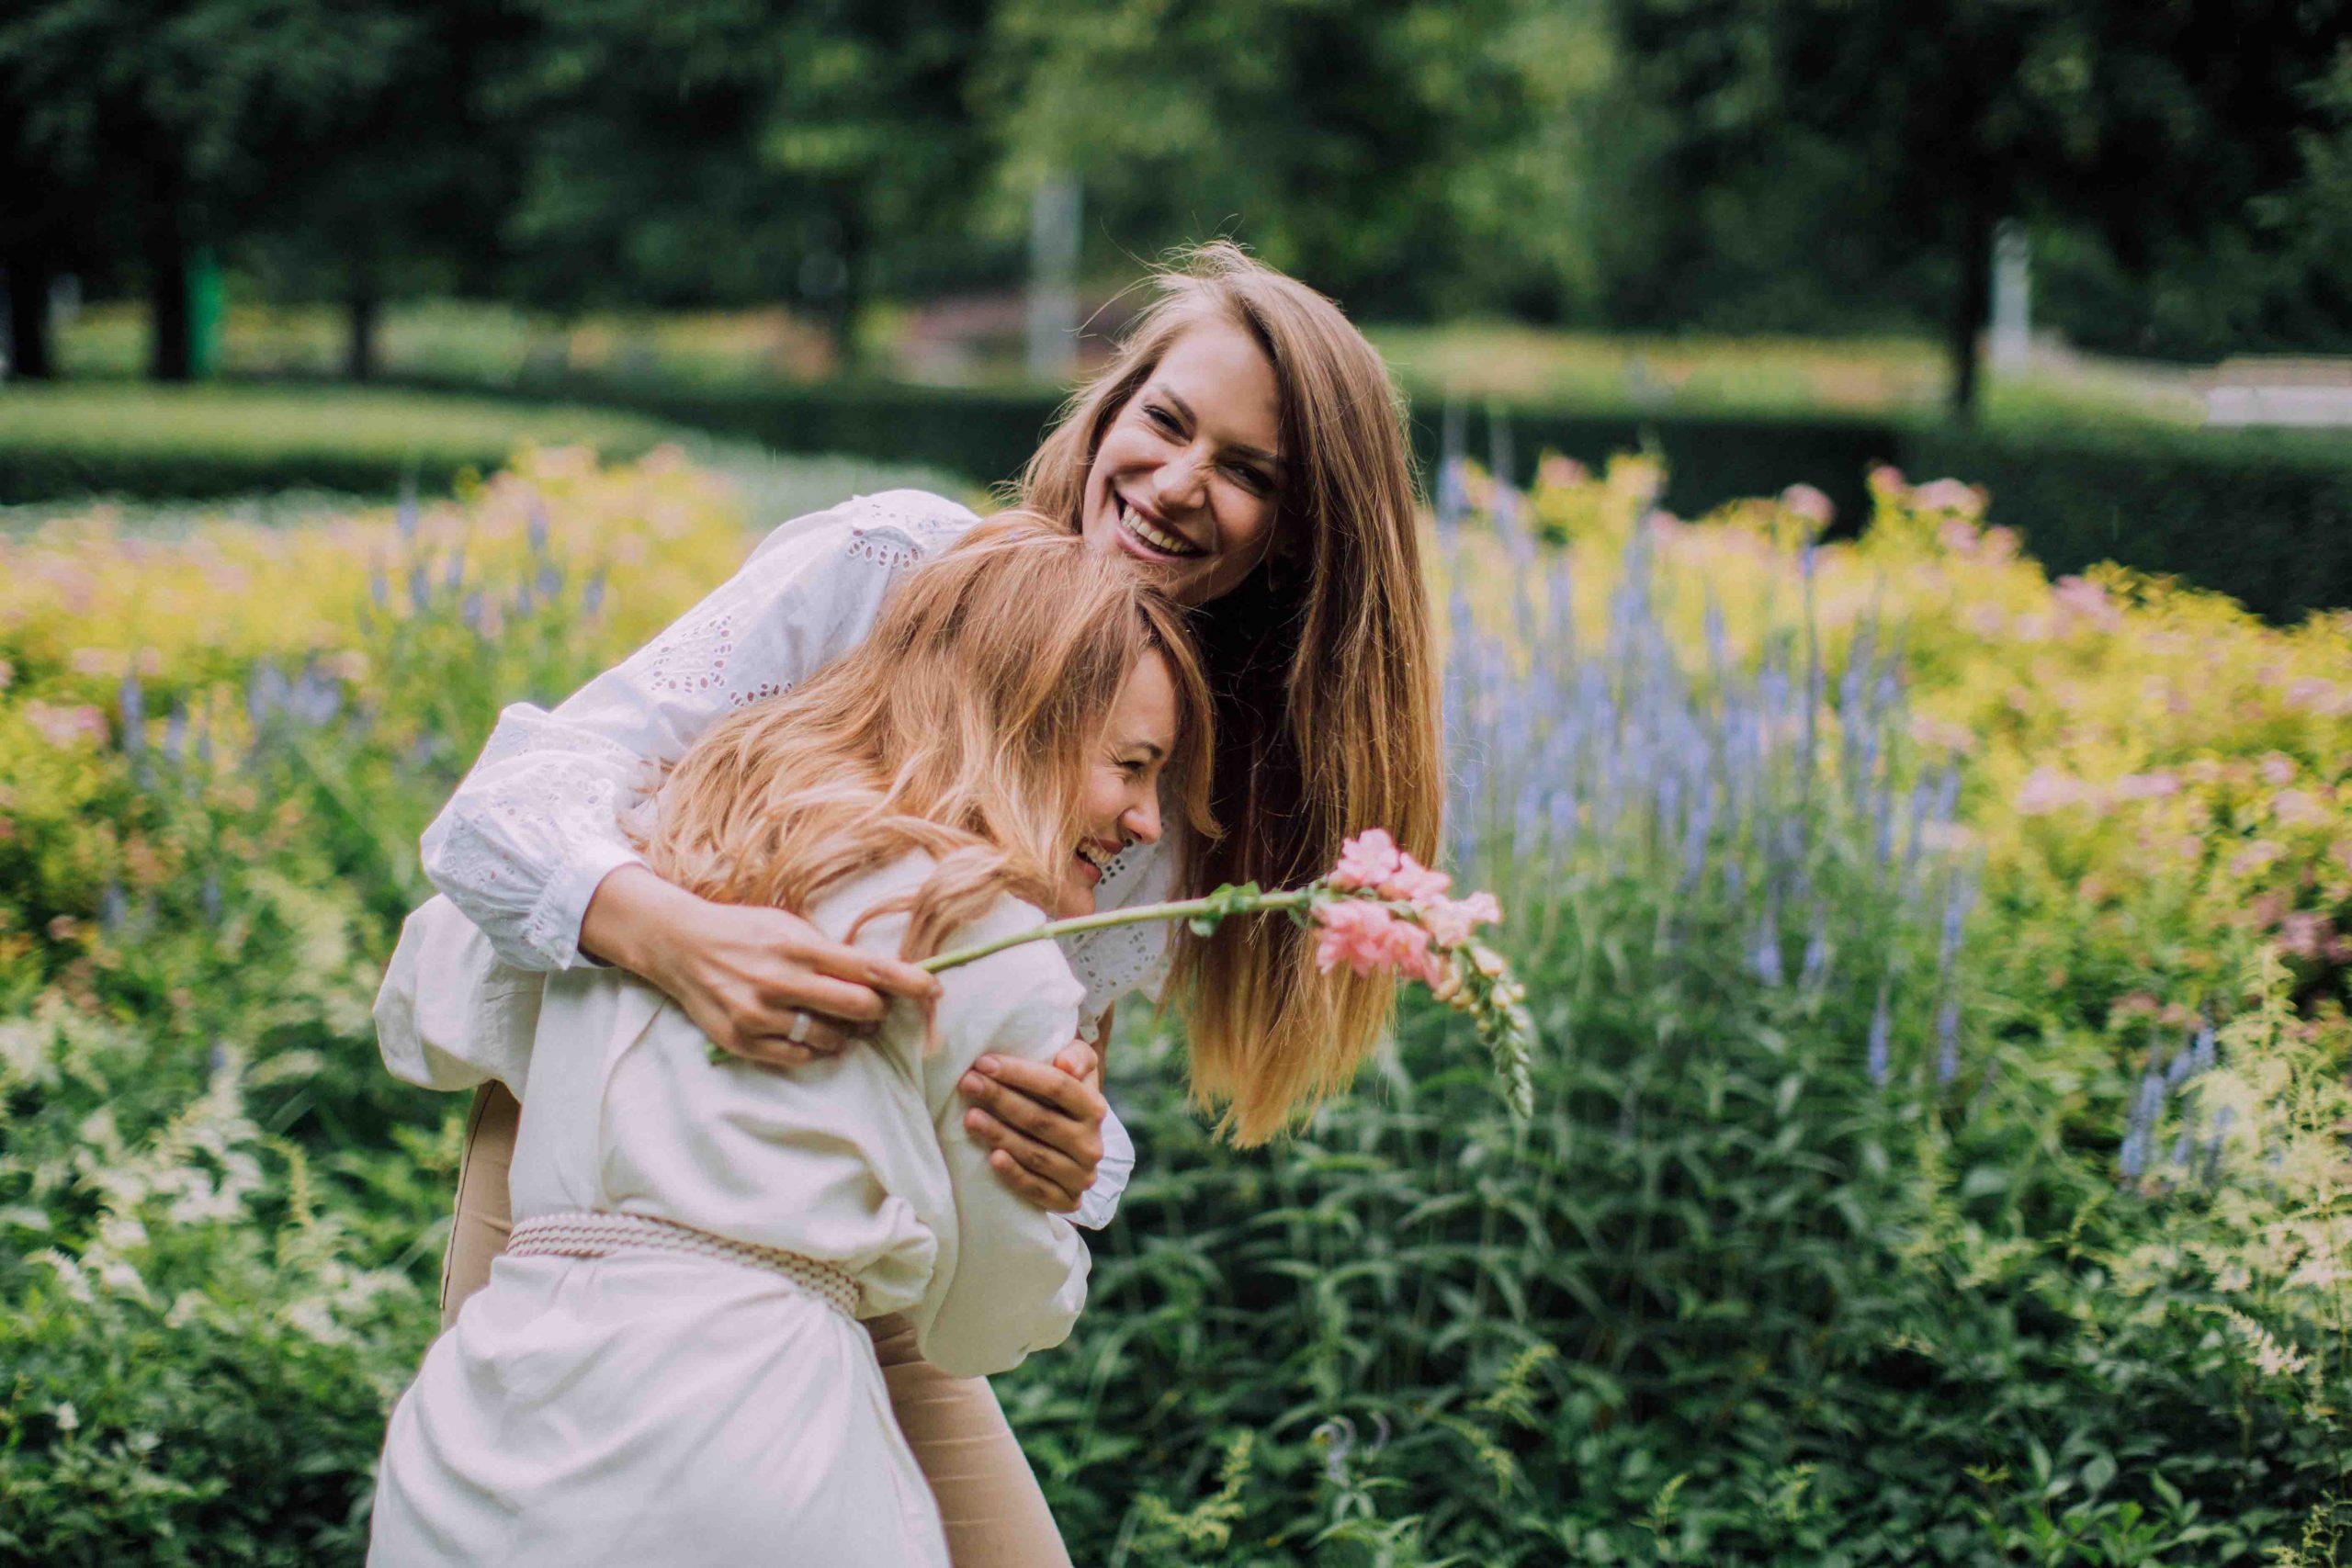 cung hoàng đạo hai cô gái ôm nhau